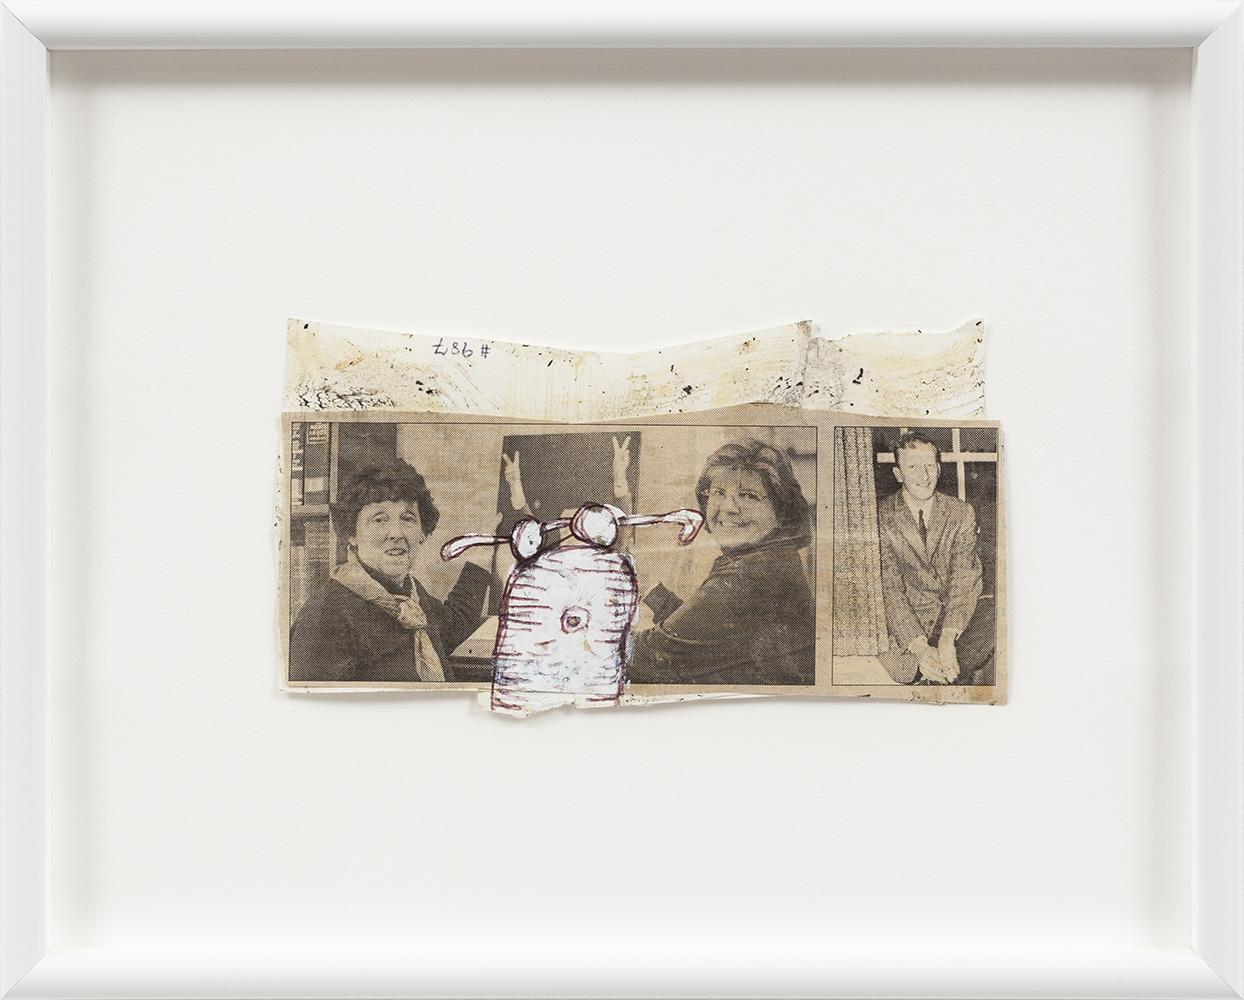 william pope.l, pope.l, steve turner, steve turner la, steve turner contemporary, contemporary art, los angeles, desert, moca, trinket, eraser, nigger eraser, black artist, contemporary artist, mitchell-innes and nash, video, sculpture, drawing, photography, photos, installation, forrest